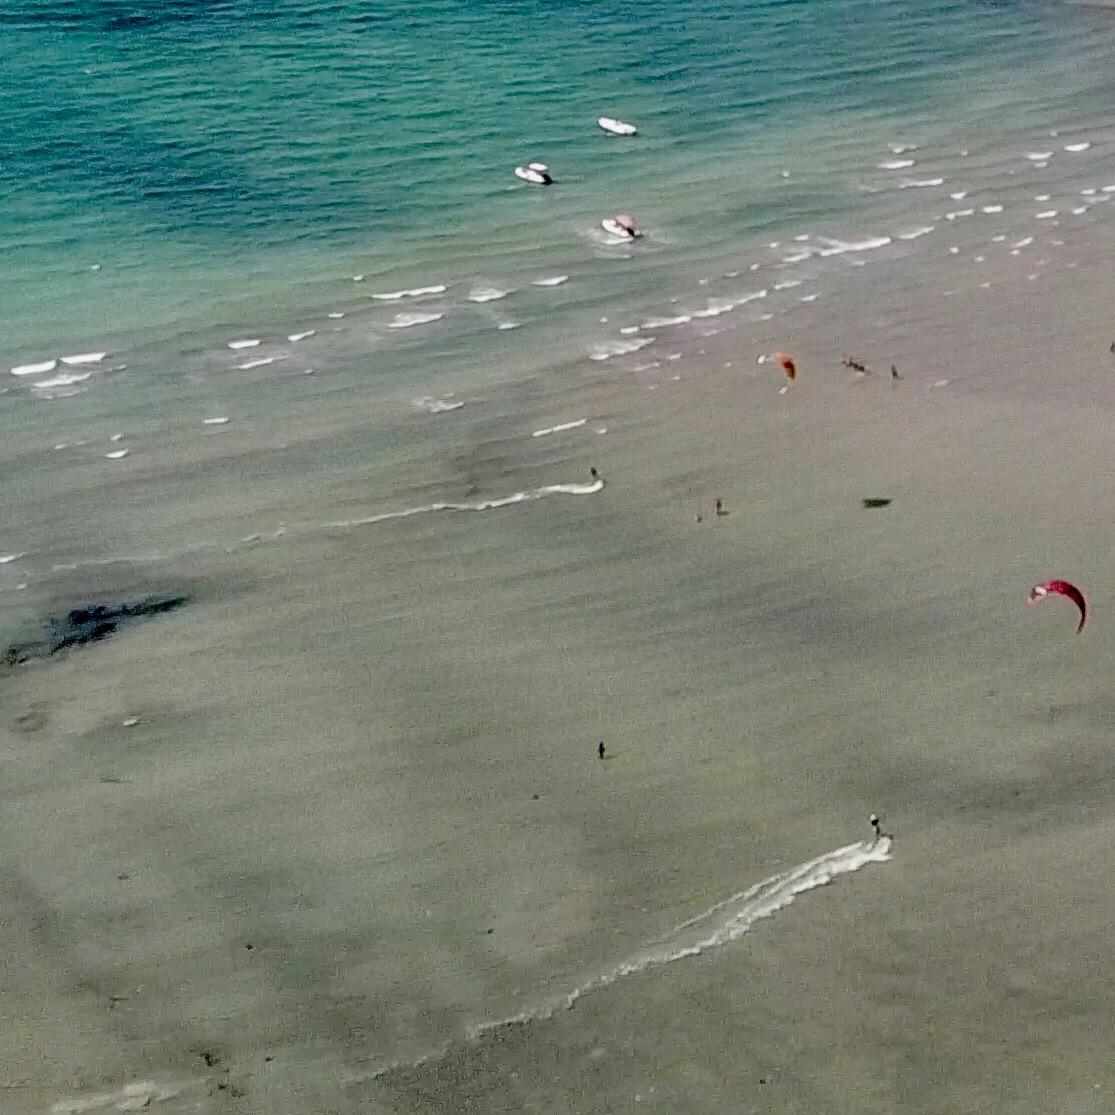 kitesurfing in italy, kiting in italy, kite we włoszech, kitesurfing we włoszech